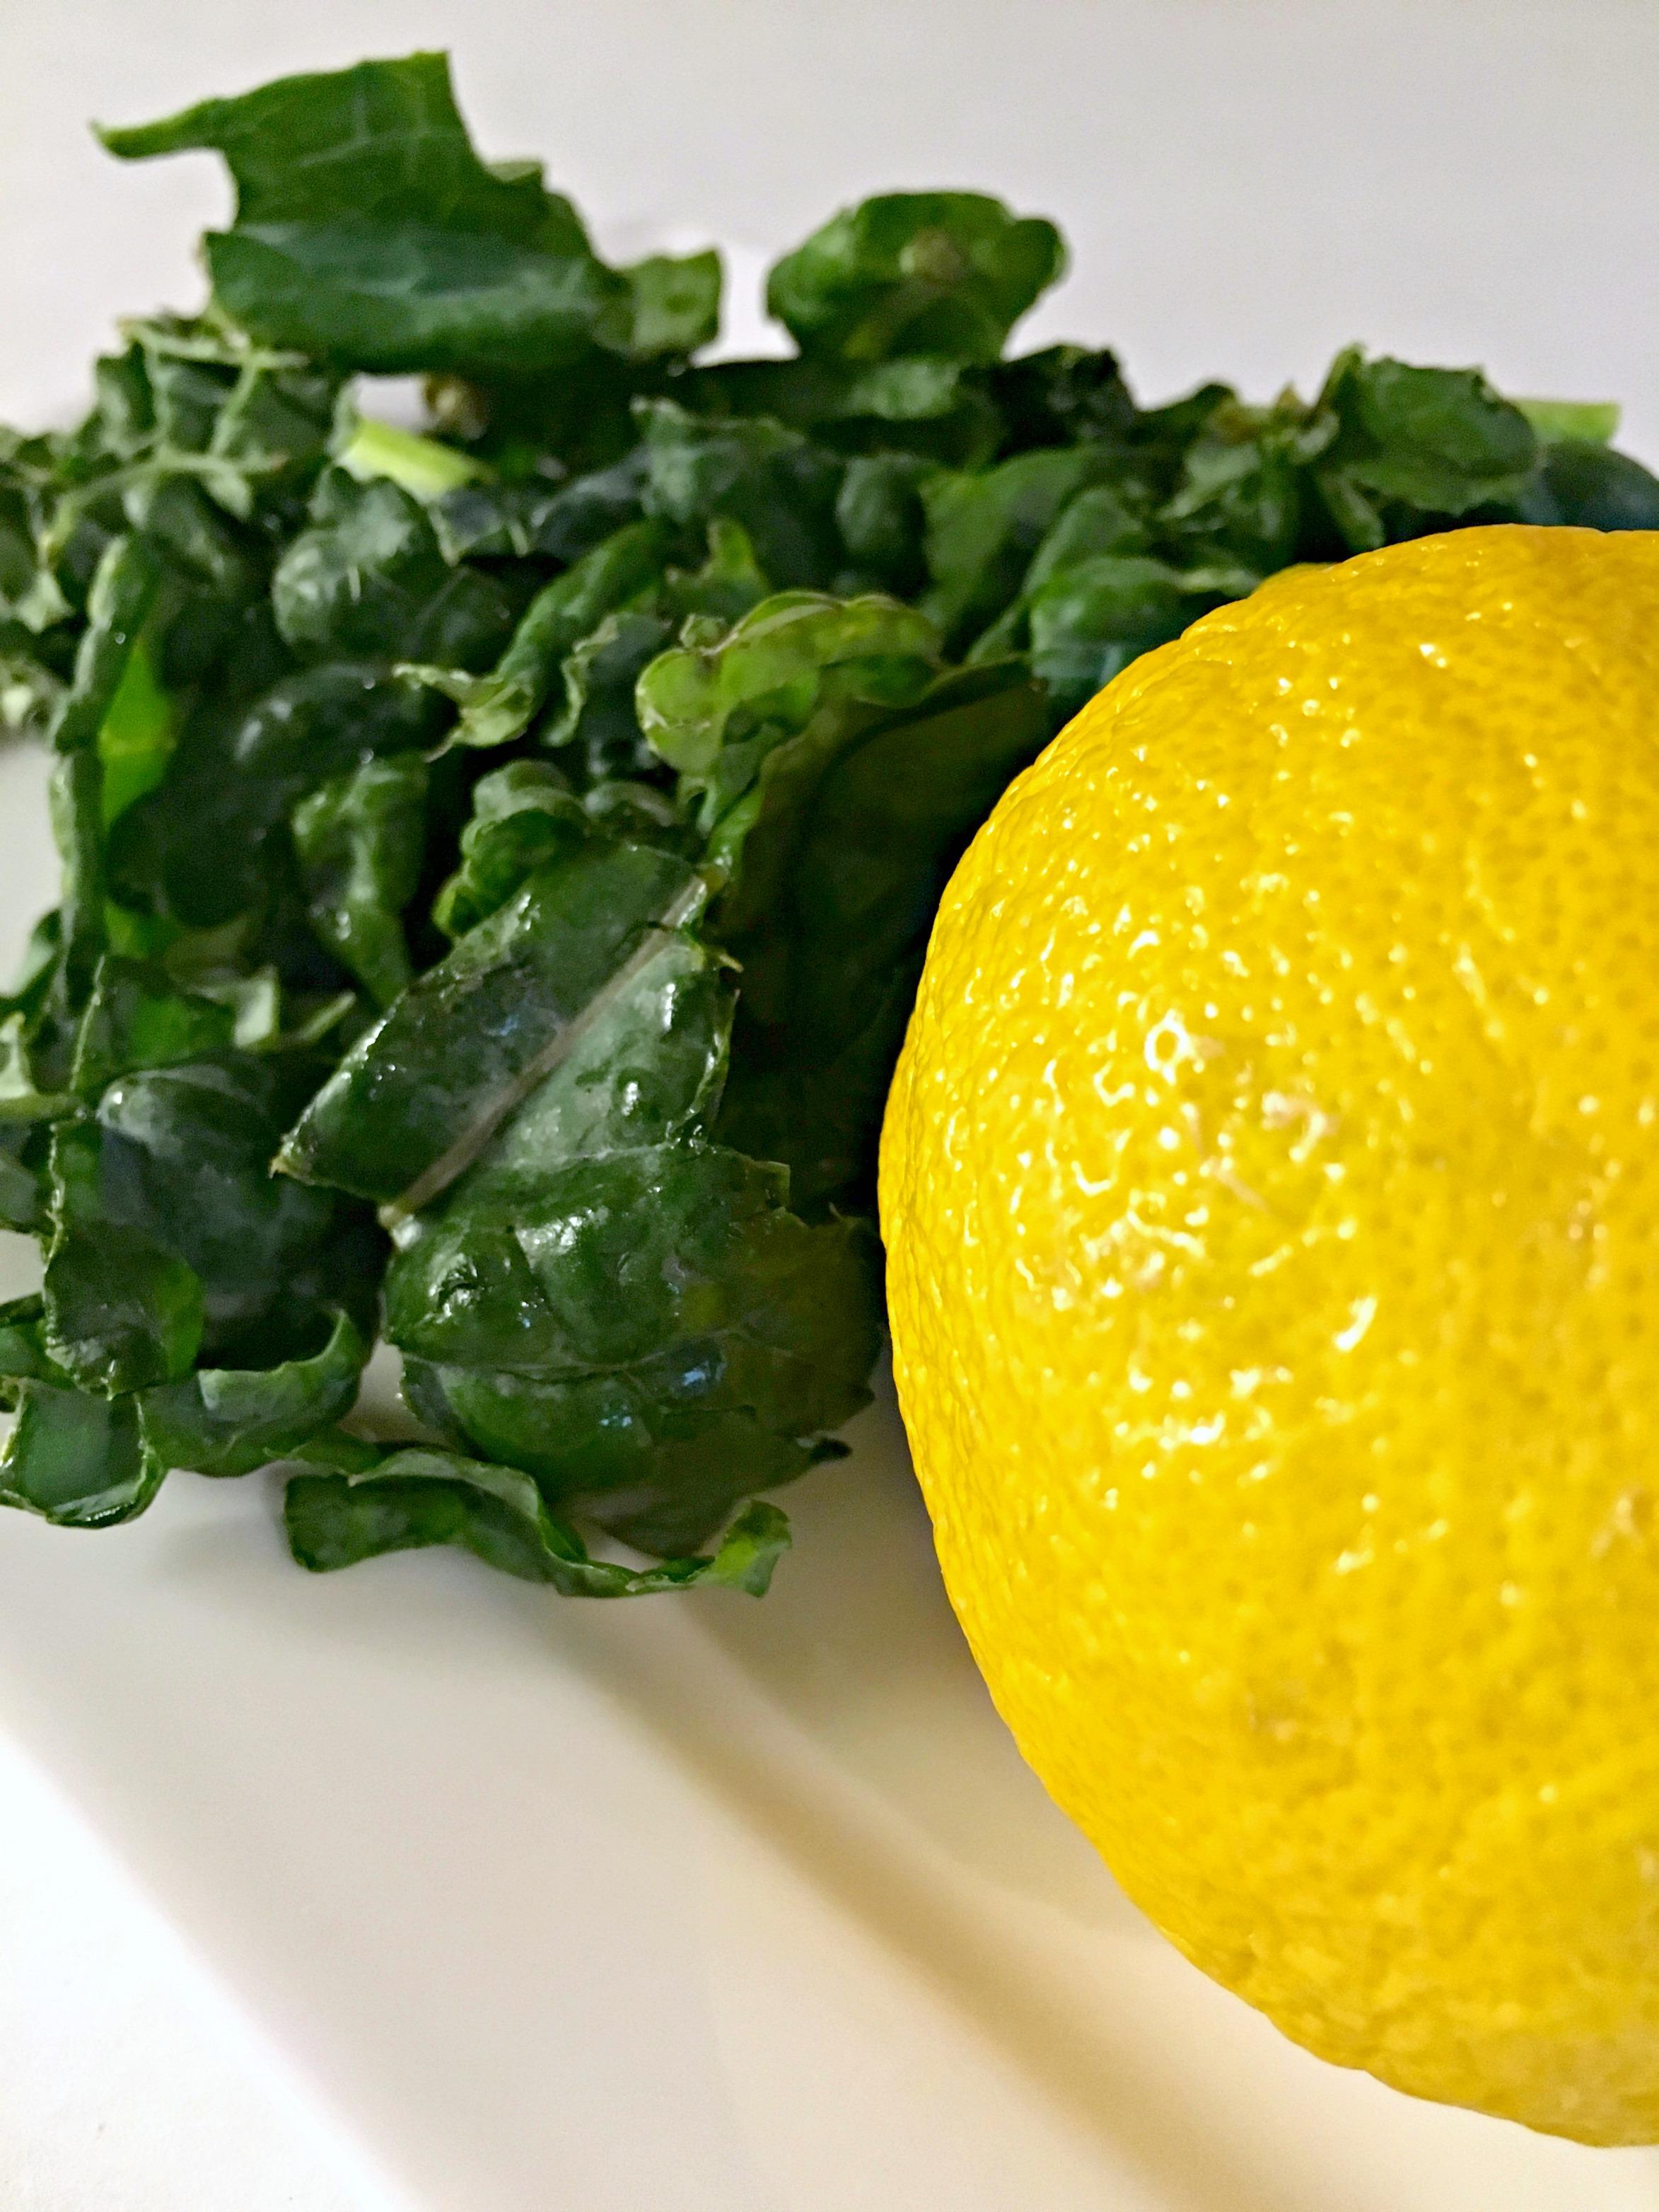 Lemon Kale Green Smoothie